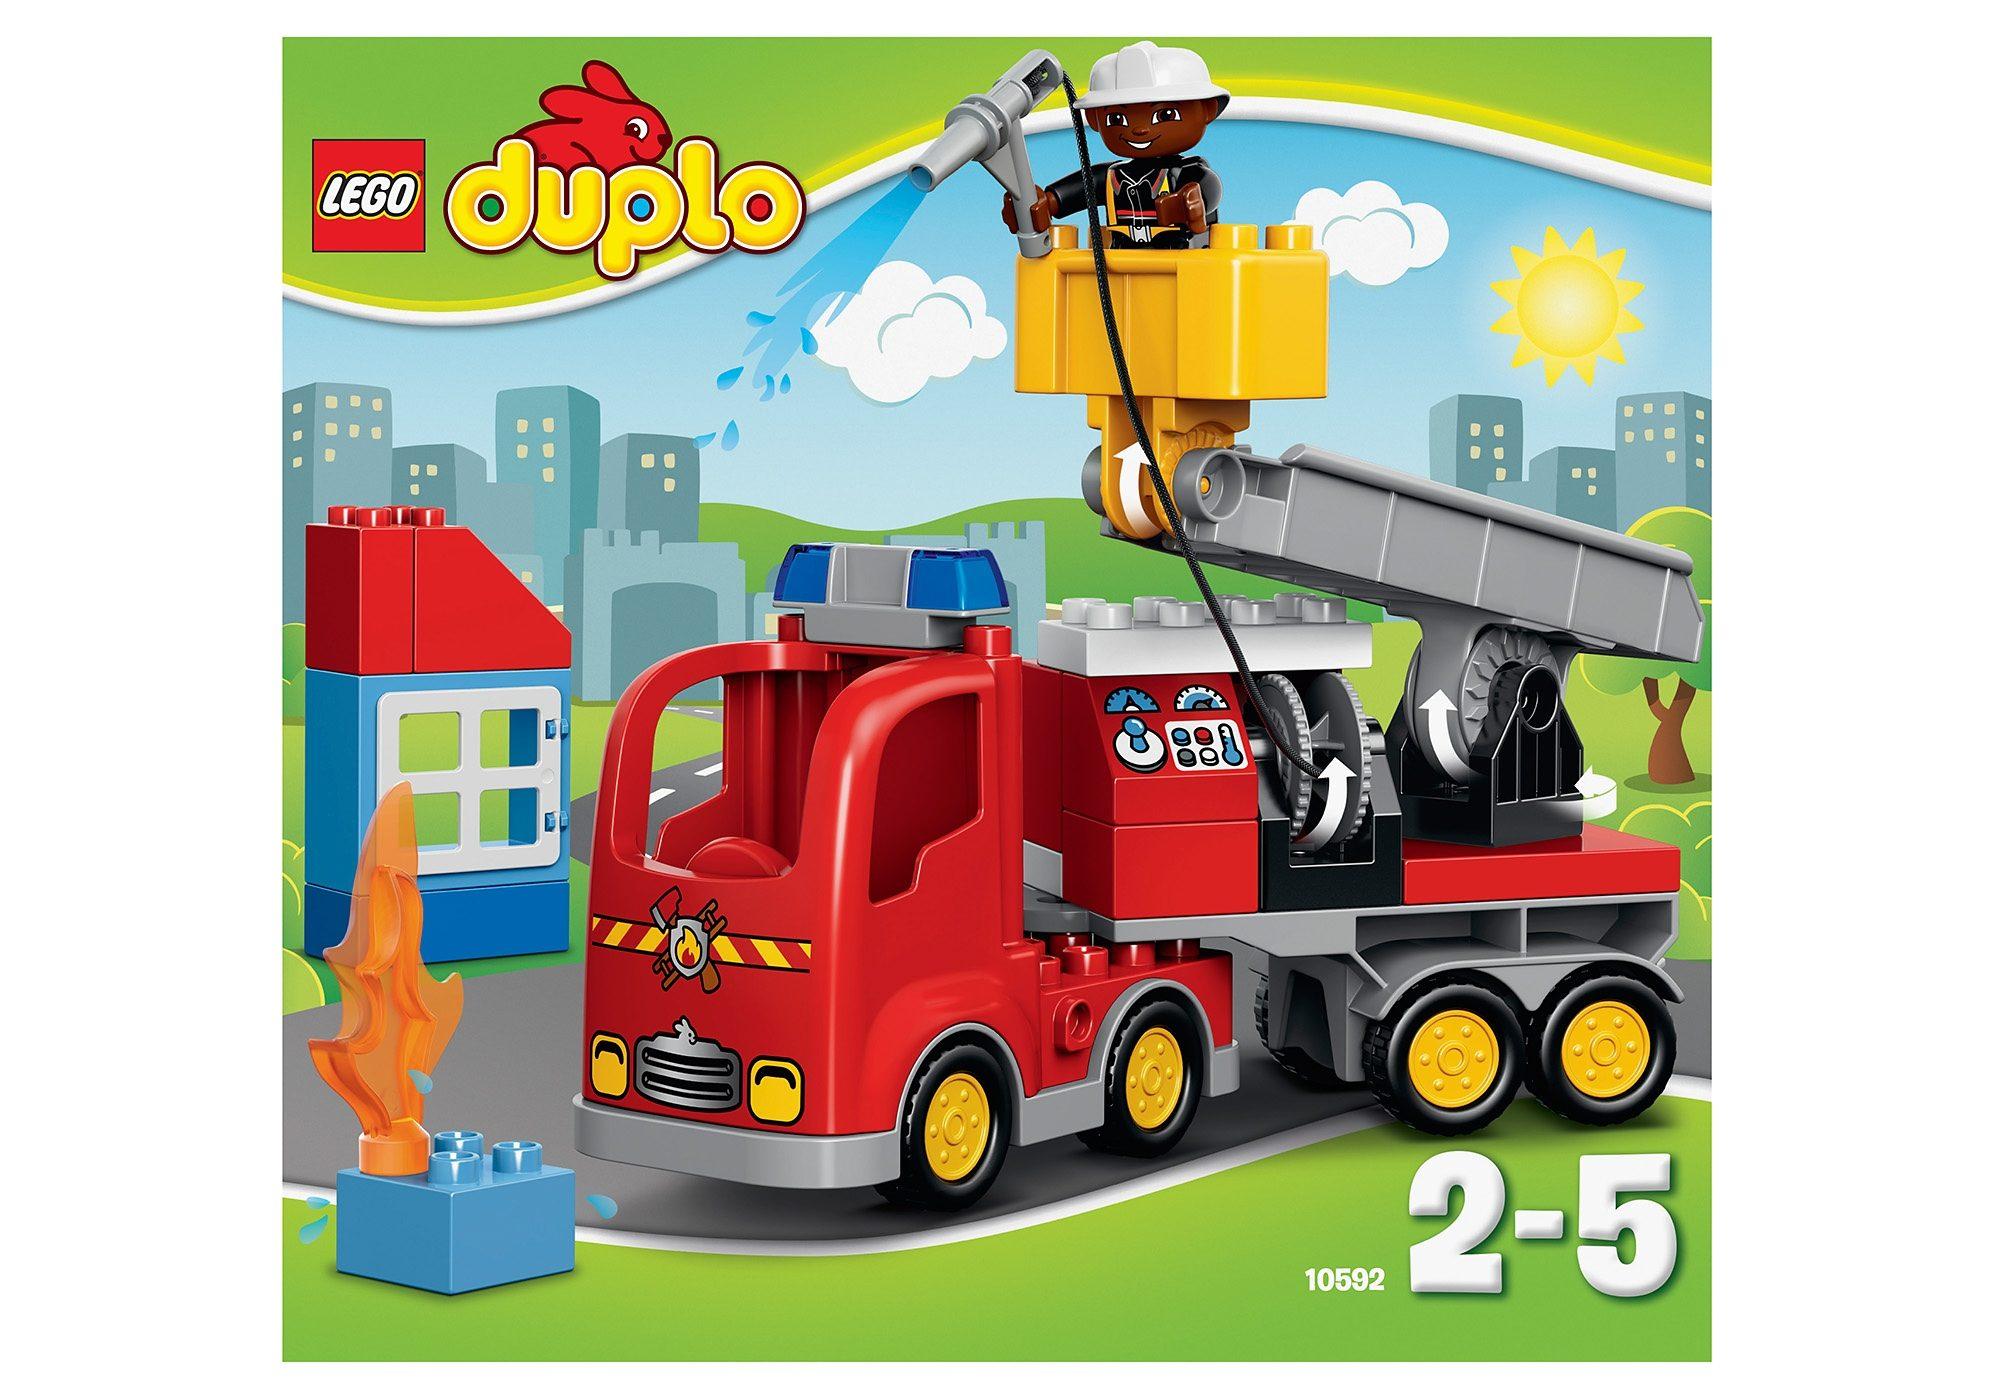 günstig kaufen 10592 LEGO Duplo Löschfahrzeug